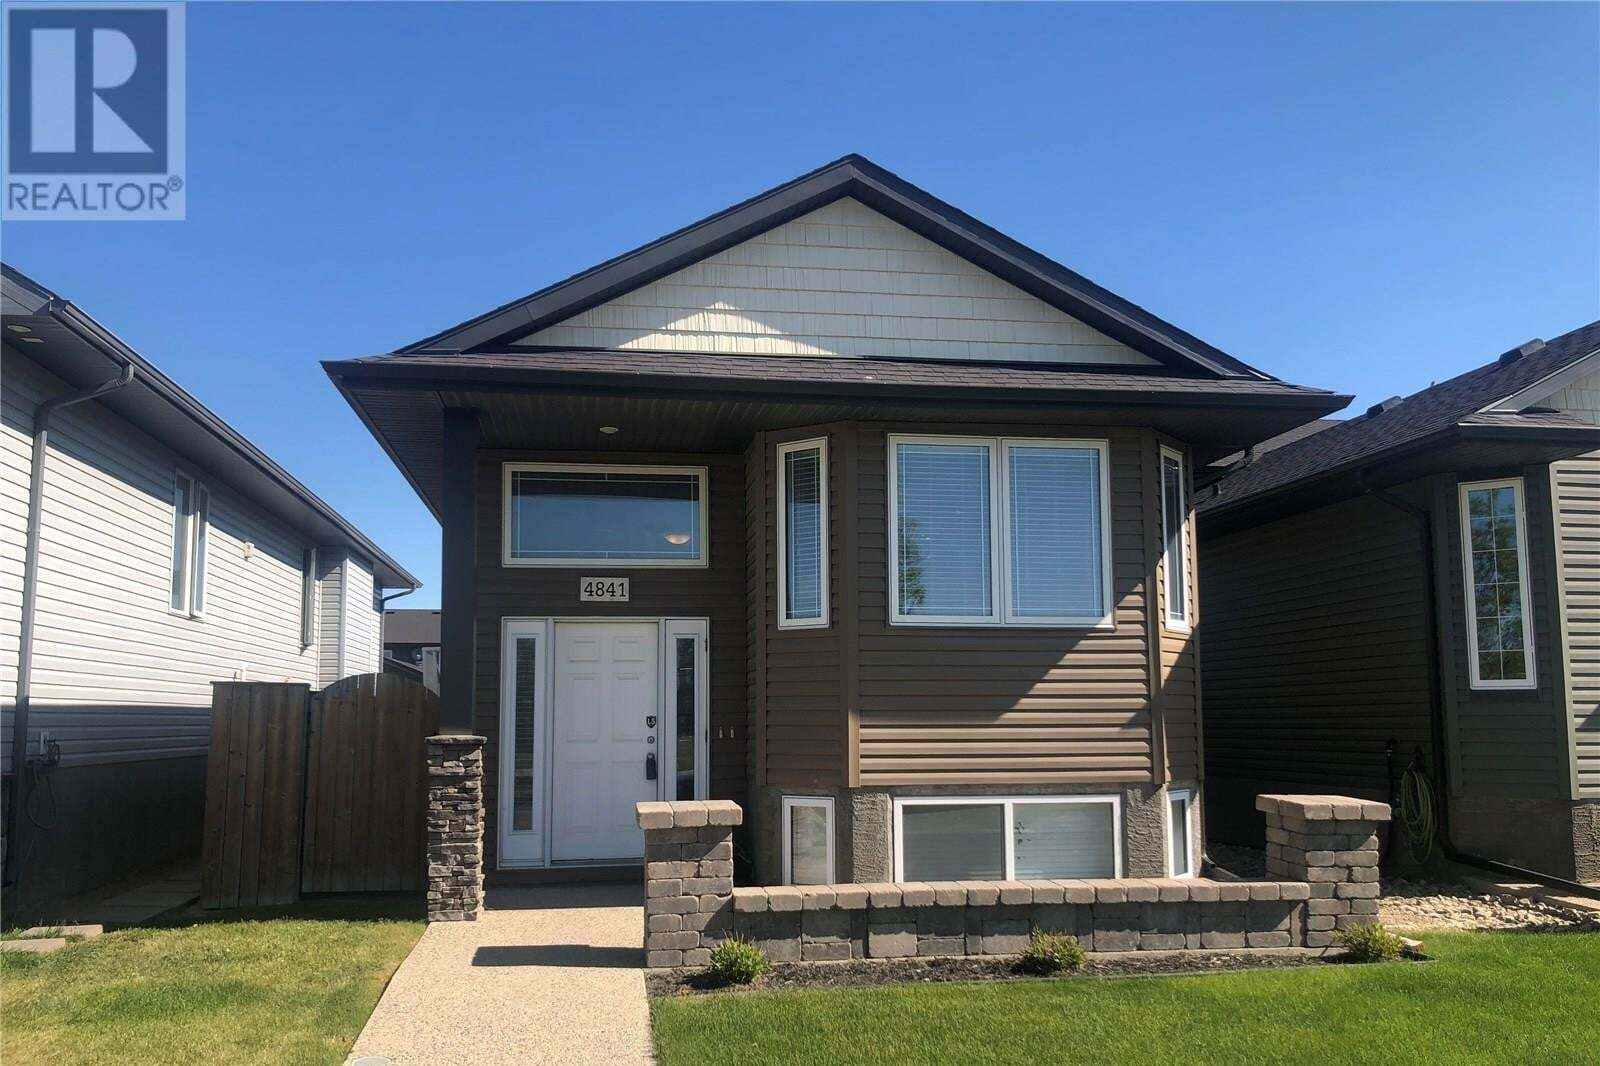 House for sale at 4841 James Hill Rd Regina Saskatchewan - MLS: SK810992